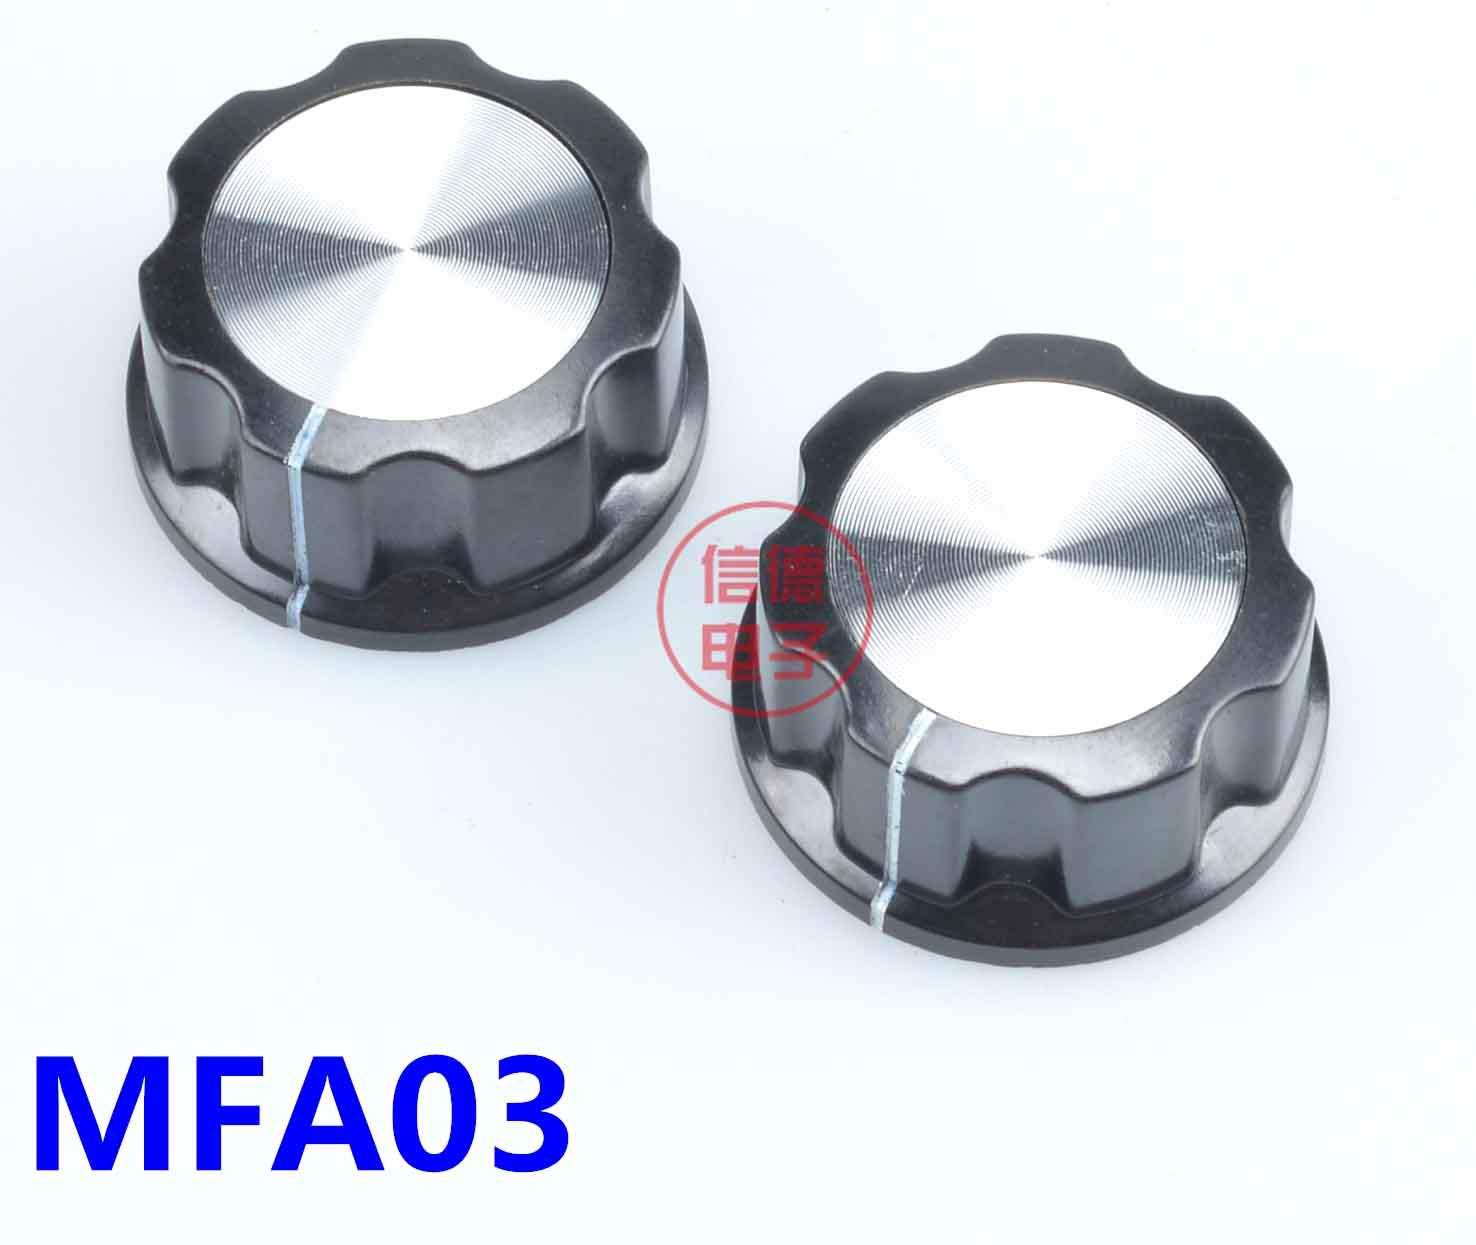 num-van-chiet-ap-mf-a03-lo-ben-trong-4mm-6-mm-6-4mm-loi-dong